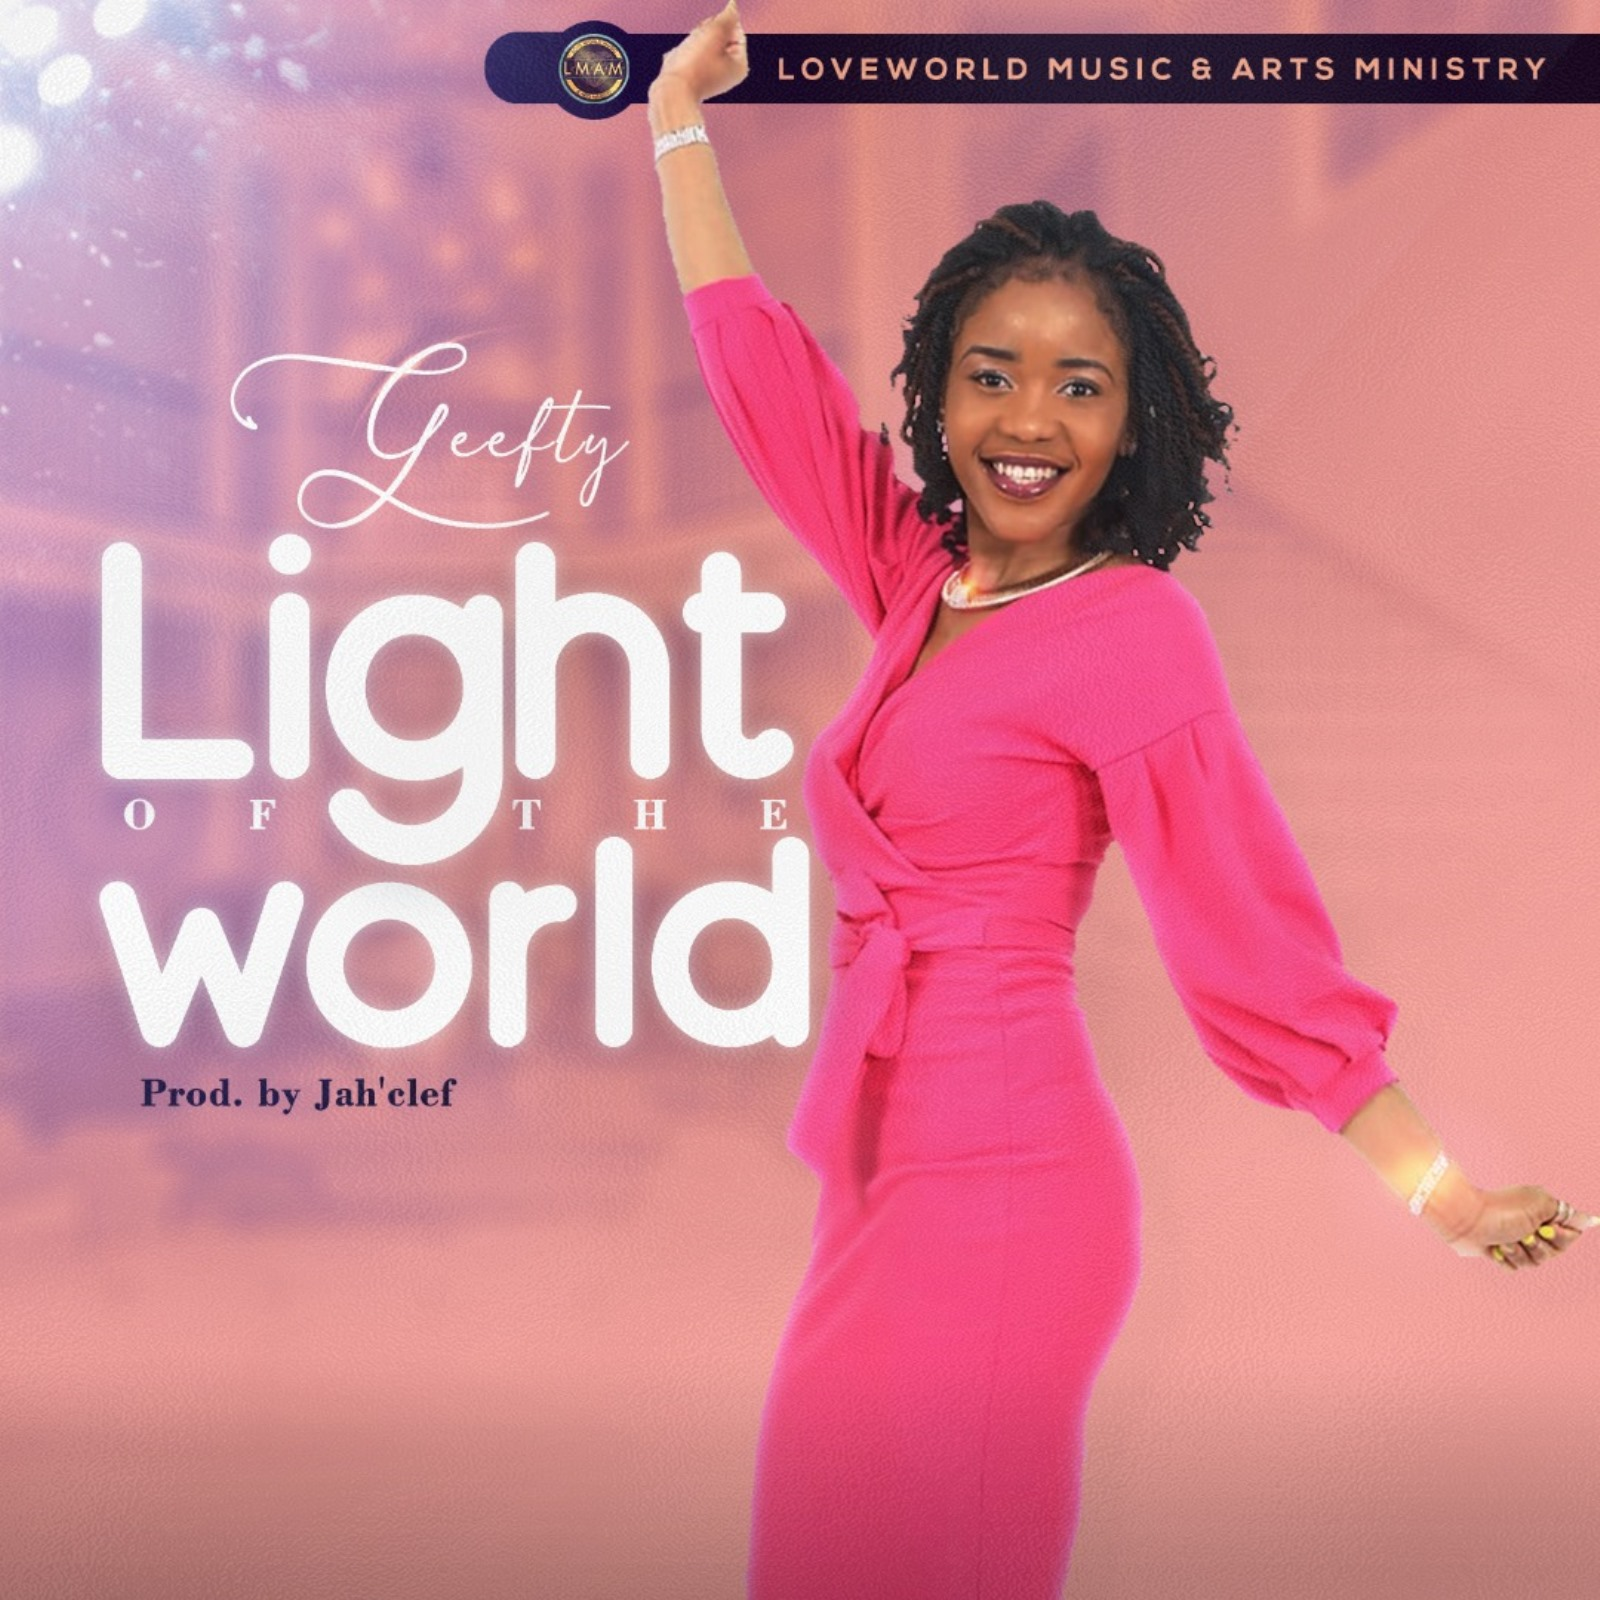 Geefty - Light of The World